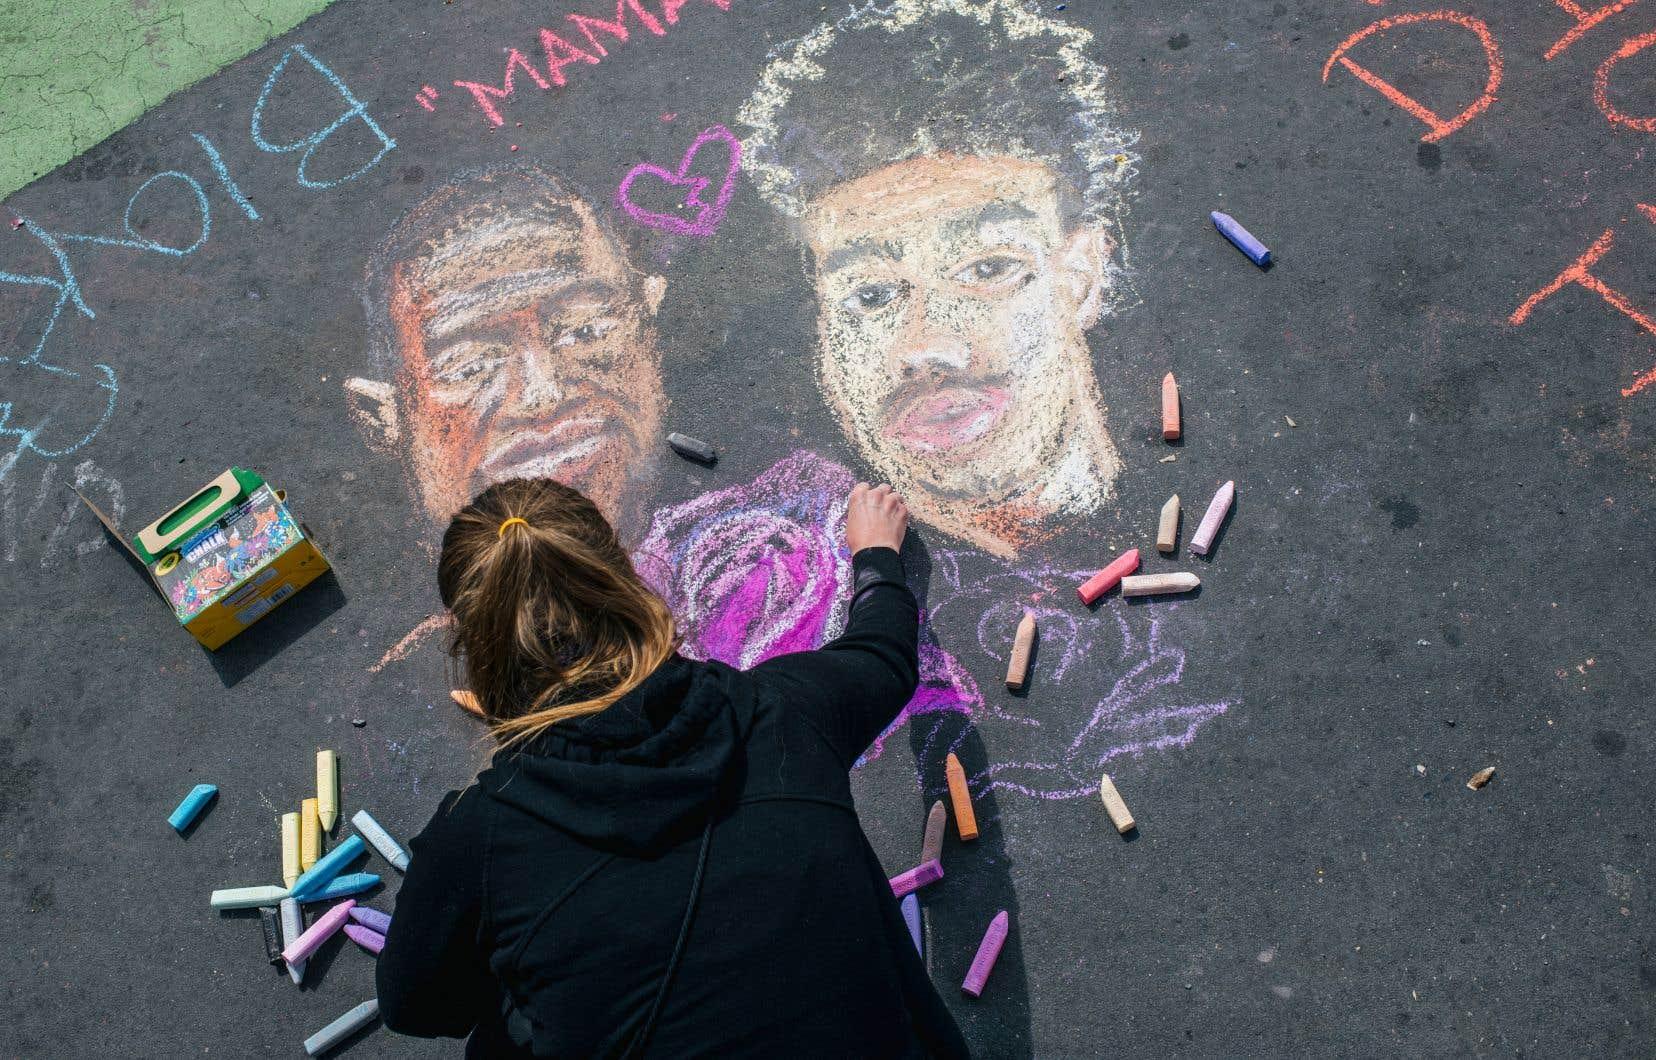 Dimanche, à Minneapolis, une femme dessinait à la craie les visages de George Floyd et de Daunte Wright, un homme noir de 20 ans tué par une policière blanche lors d'un banal contrôle routier à Brooklyn Center, en banlieue de la métropole du Minnesota.